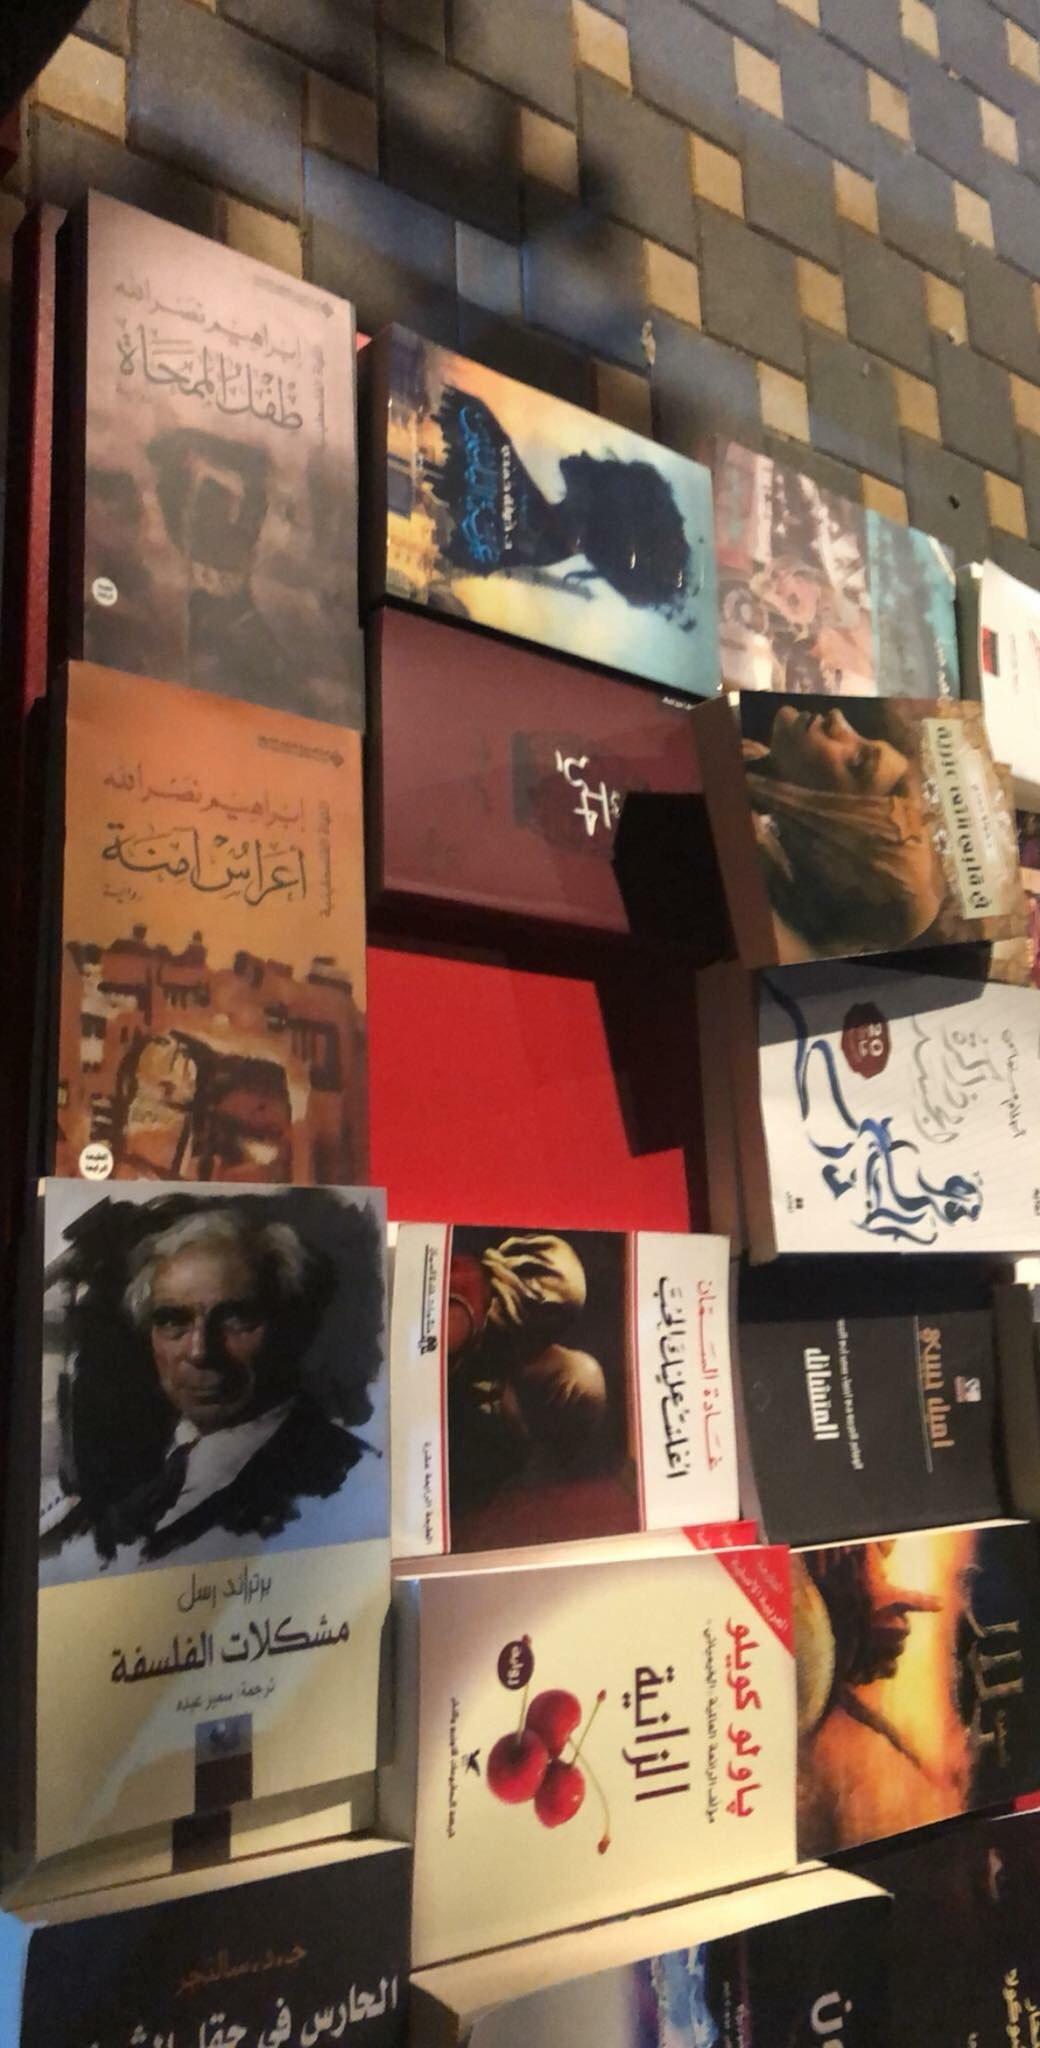 كفر قرع: حضور واسع بأمسية رسالة حول رواية نوم الغزلان